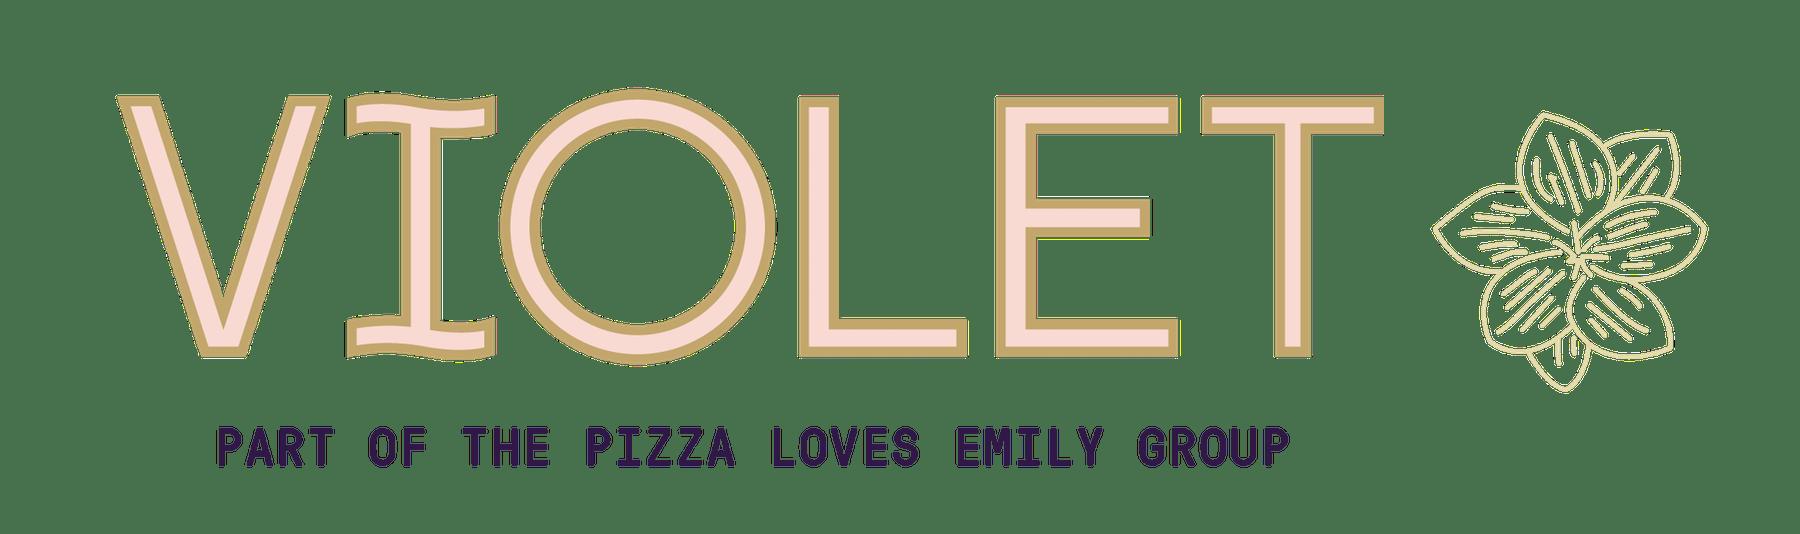 Violet Home